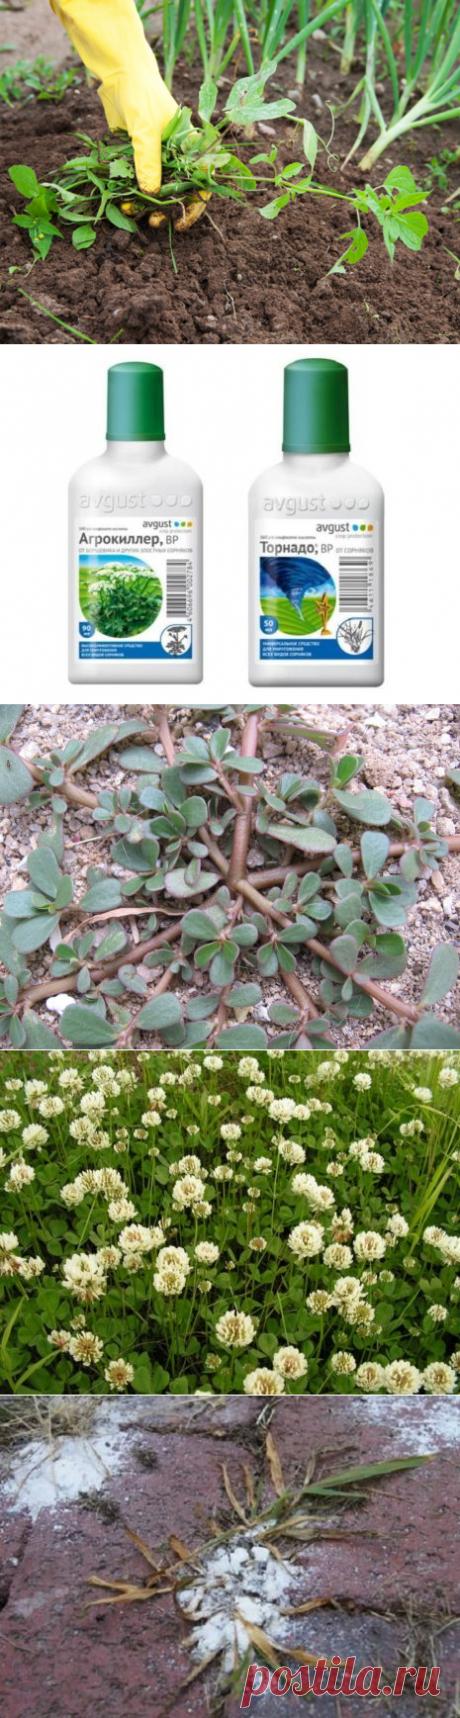 Как избавиться от сорняков и травы на участке народными средствами навсегда